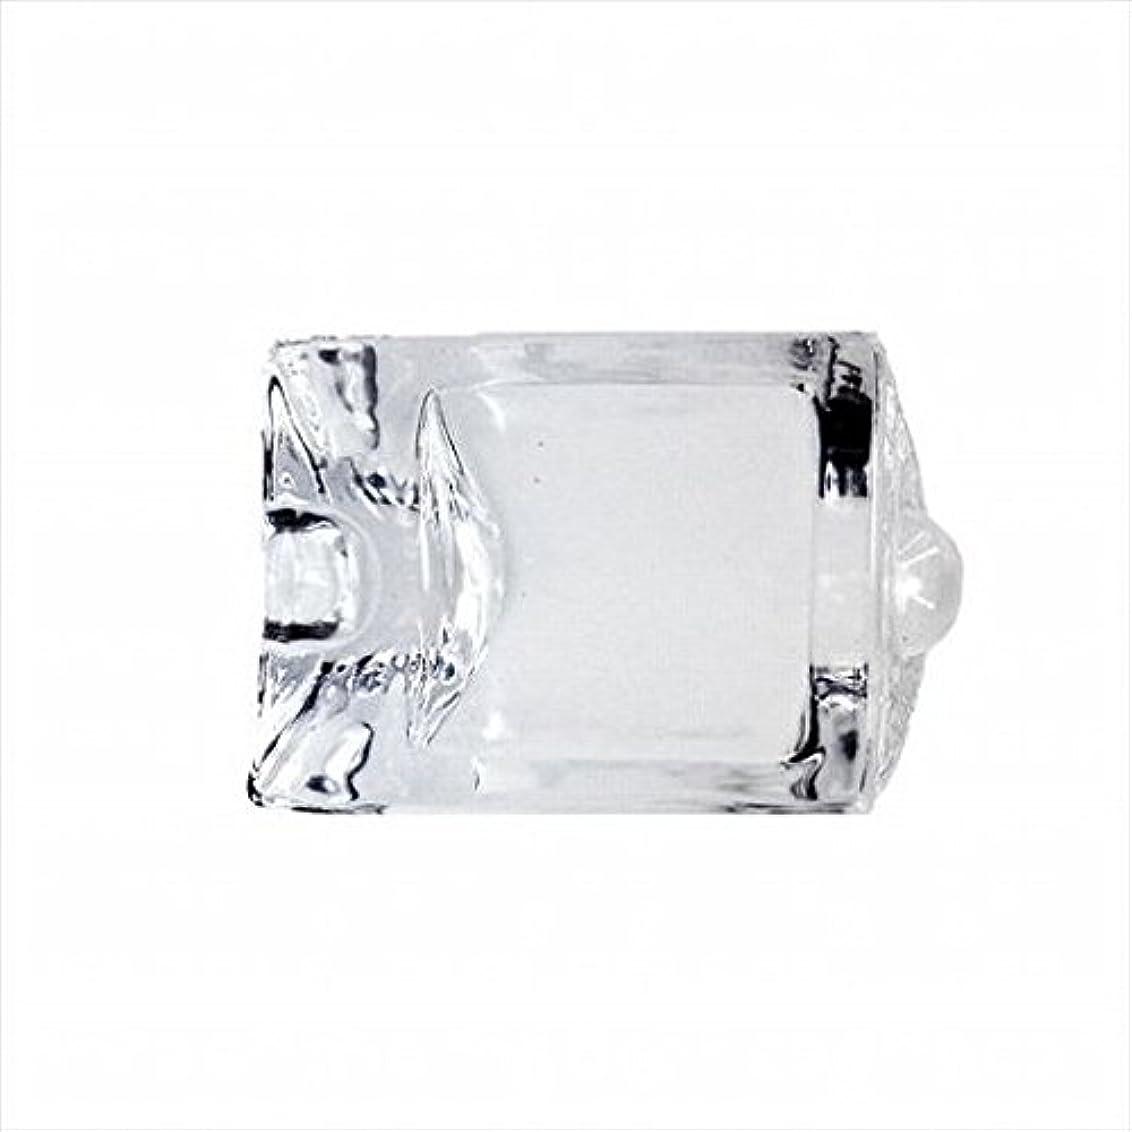 先入観絶対に気をつけてkameyama candle(カメヤマキャンドル) エンジェルアイジョイント 「 Cホワイト 」 キャンドル 47x28x67mm (I8000104W)